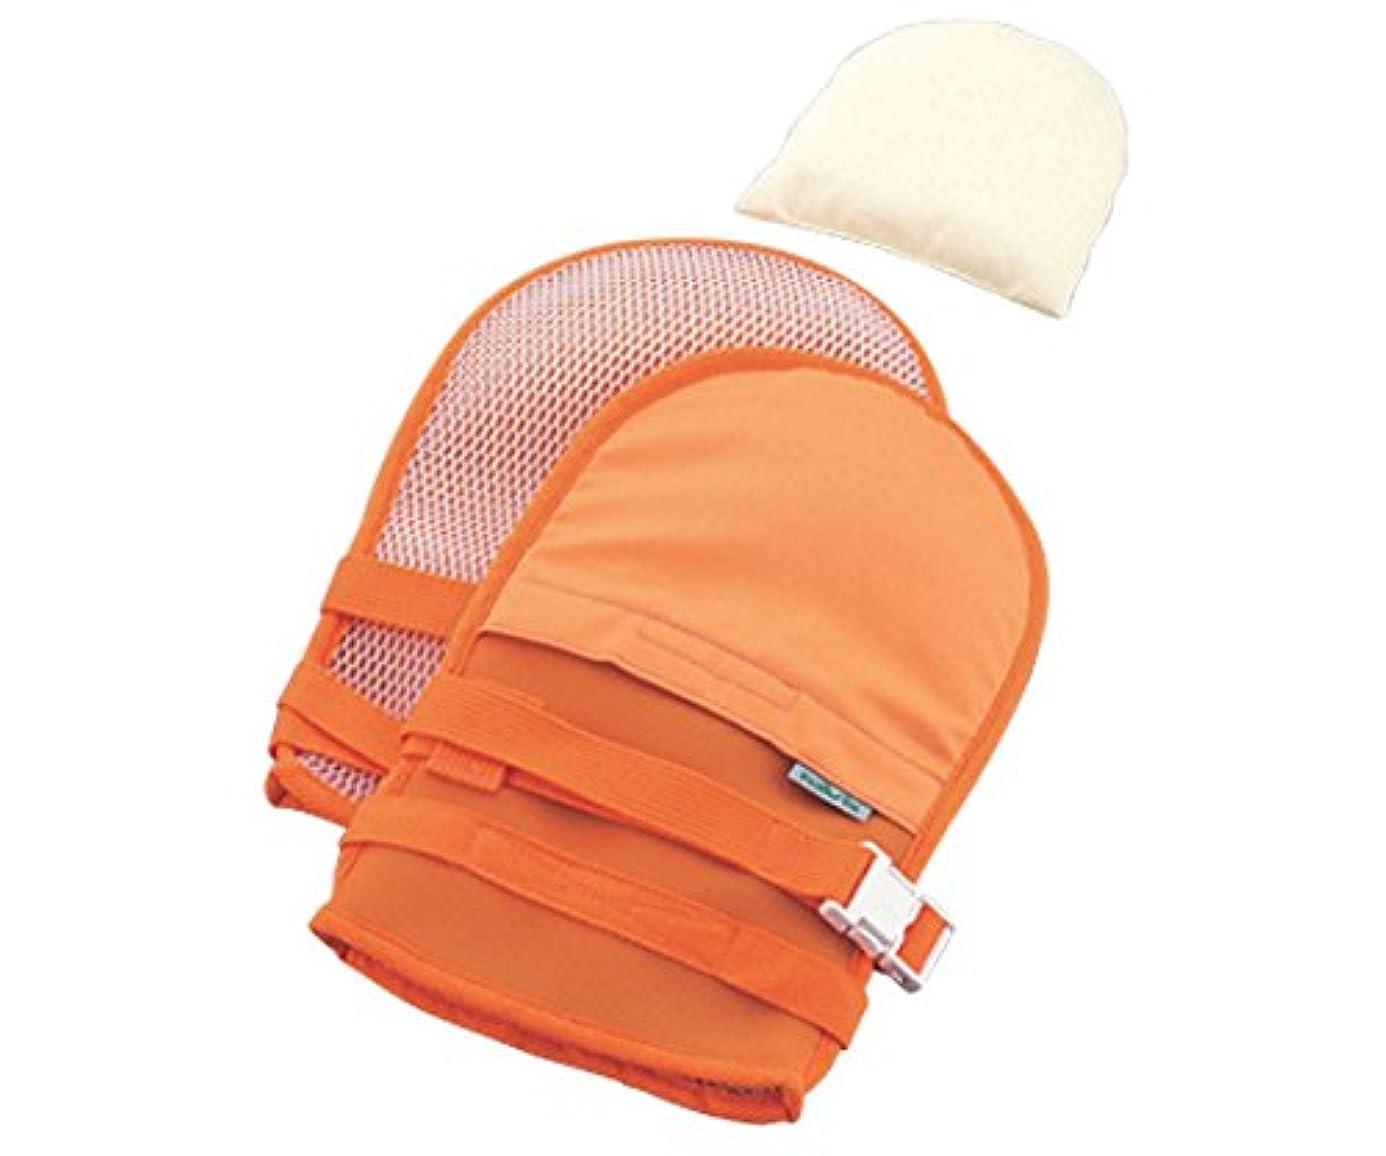 拘束傾向があります部分抜管防止手袋 中オレンジ /0-1638-42